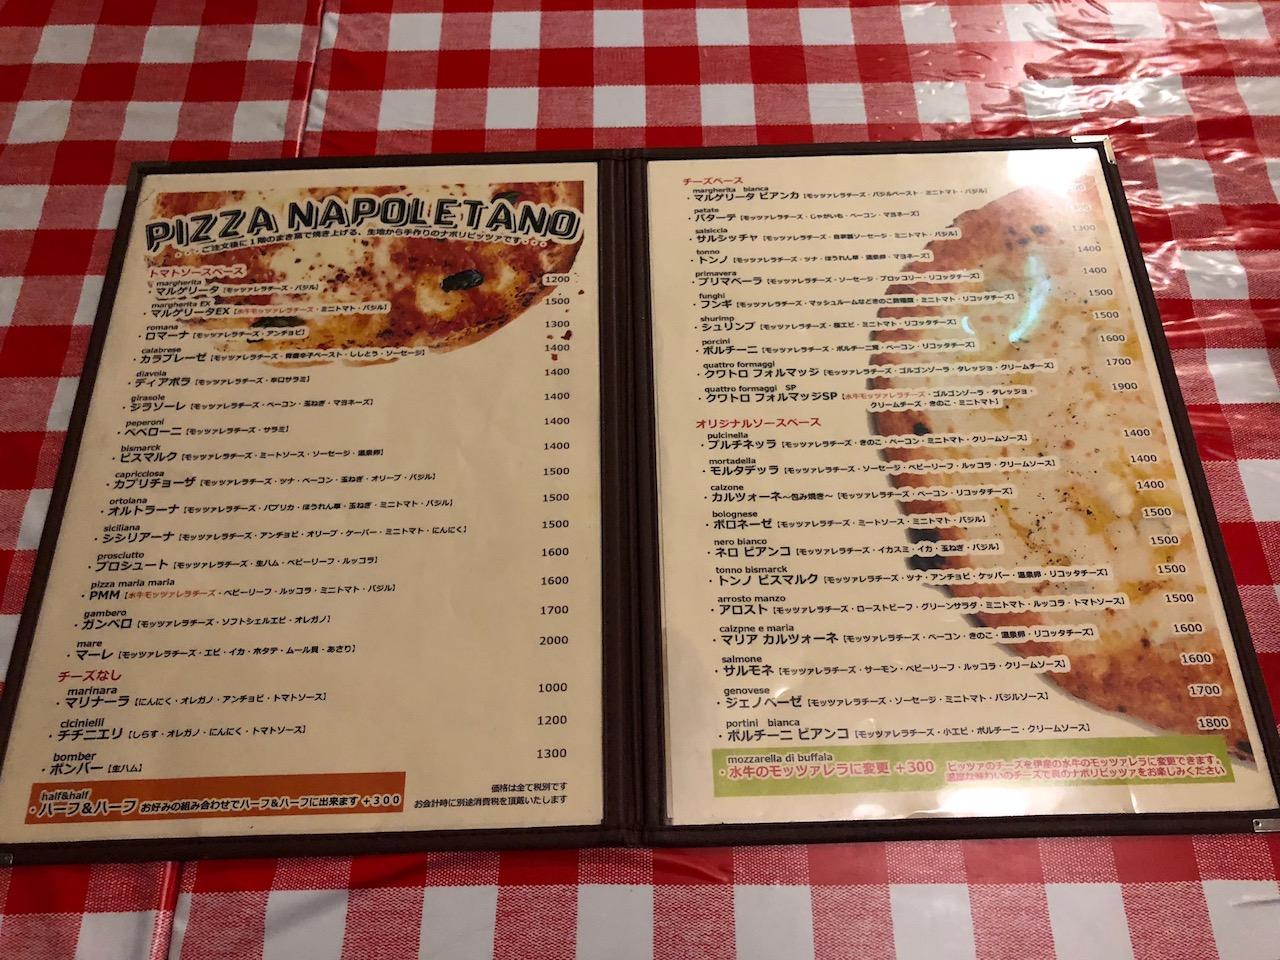 おすすめ!人気のイタリアン食堂ピザマリアは飲み放題でスパークリングワインもテキーラも飲めるぞ